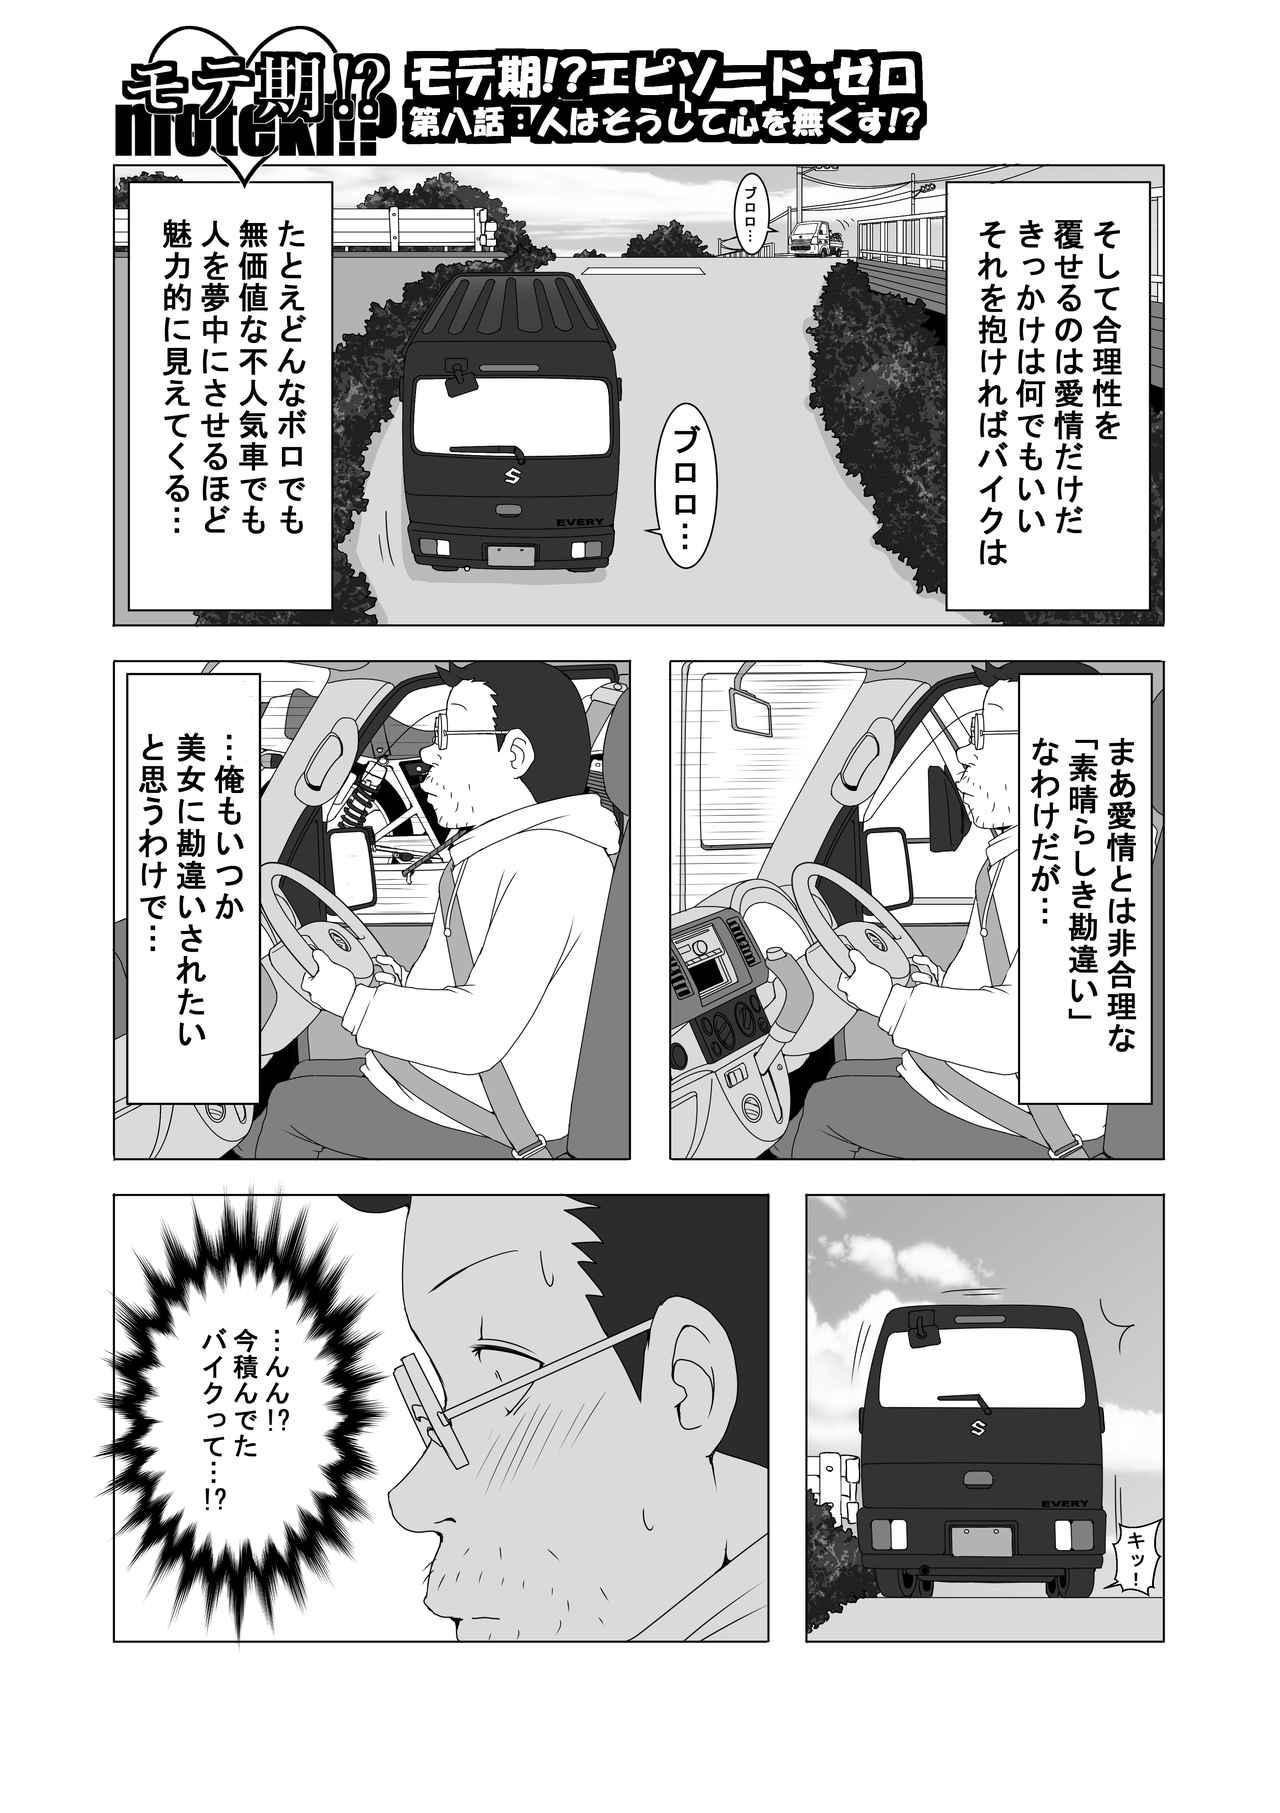 画像1: 『バイク擬人化菌書』連載:モテ期!?エピソード・ゼロ(第8話 人はそうして心を無くす!?) 作:鈴木秀吉